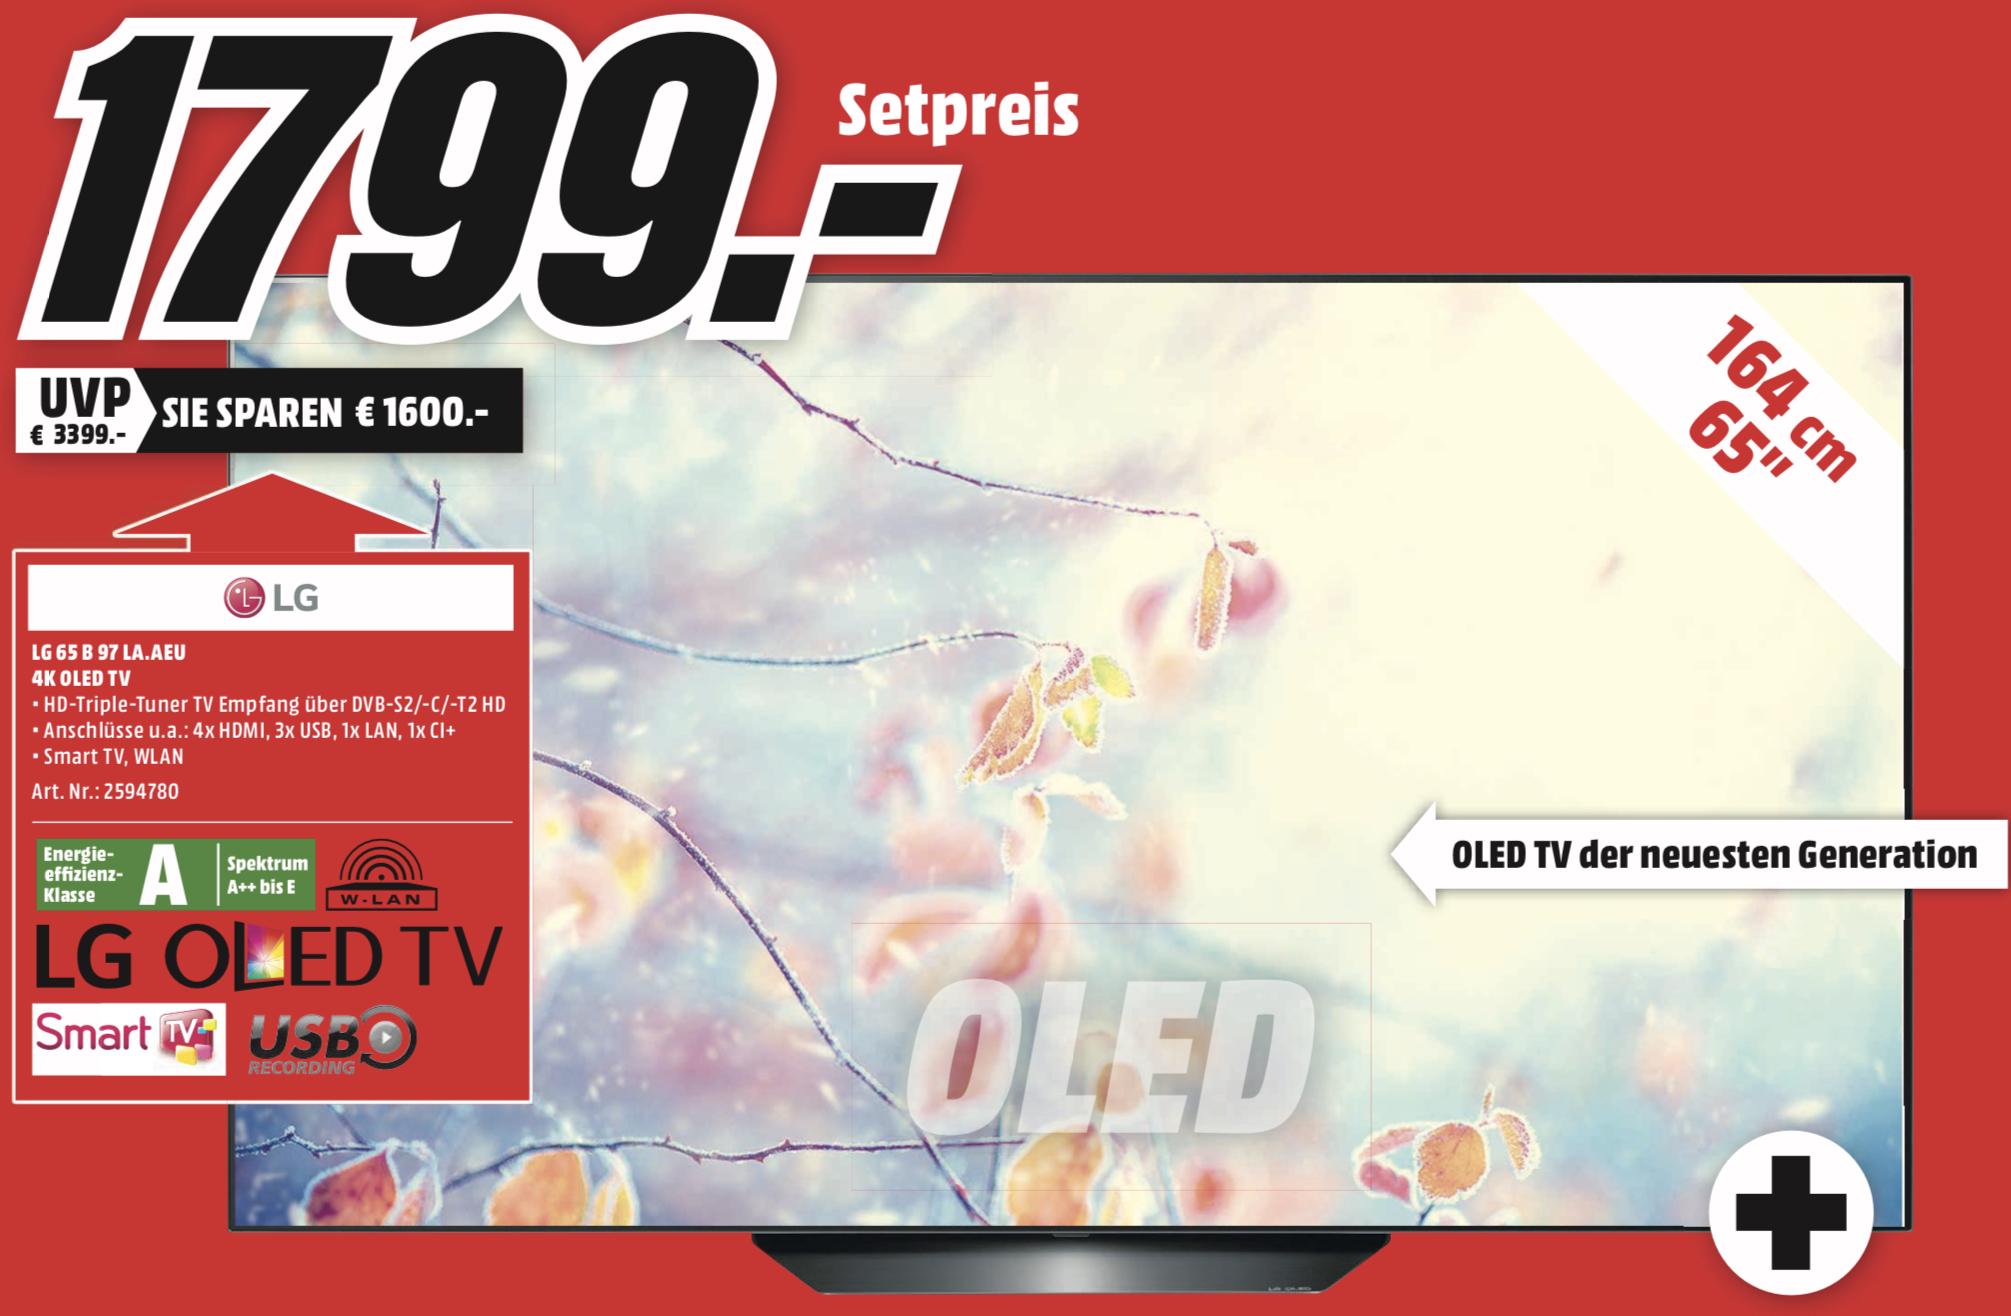 Lokal MM Regensburg usw.: LG OLED65B97LA 164cm 4K UHD OLED TV für 1799€ + 150€ Geschenk-Coupon